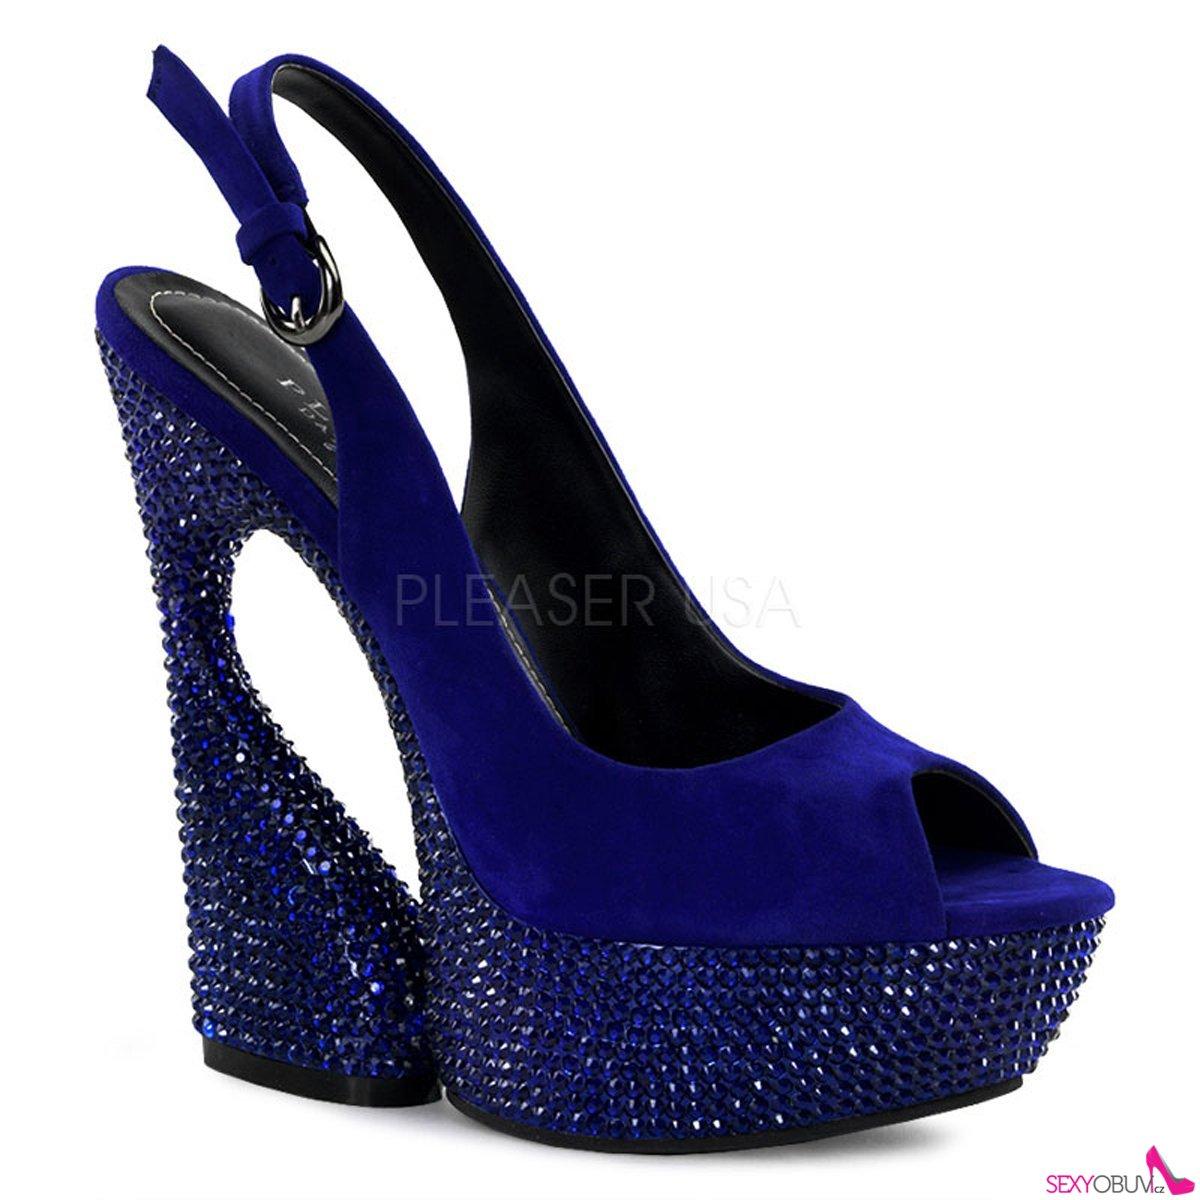 291c4d3ef6e SWAN-654DM Moderní modré luxusní boty na klínkovém podpatku ...